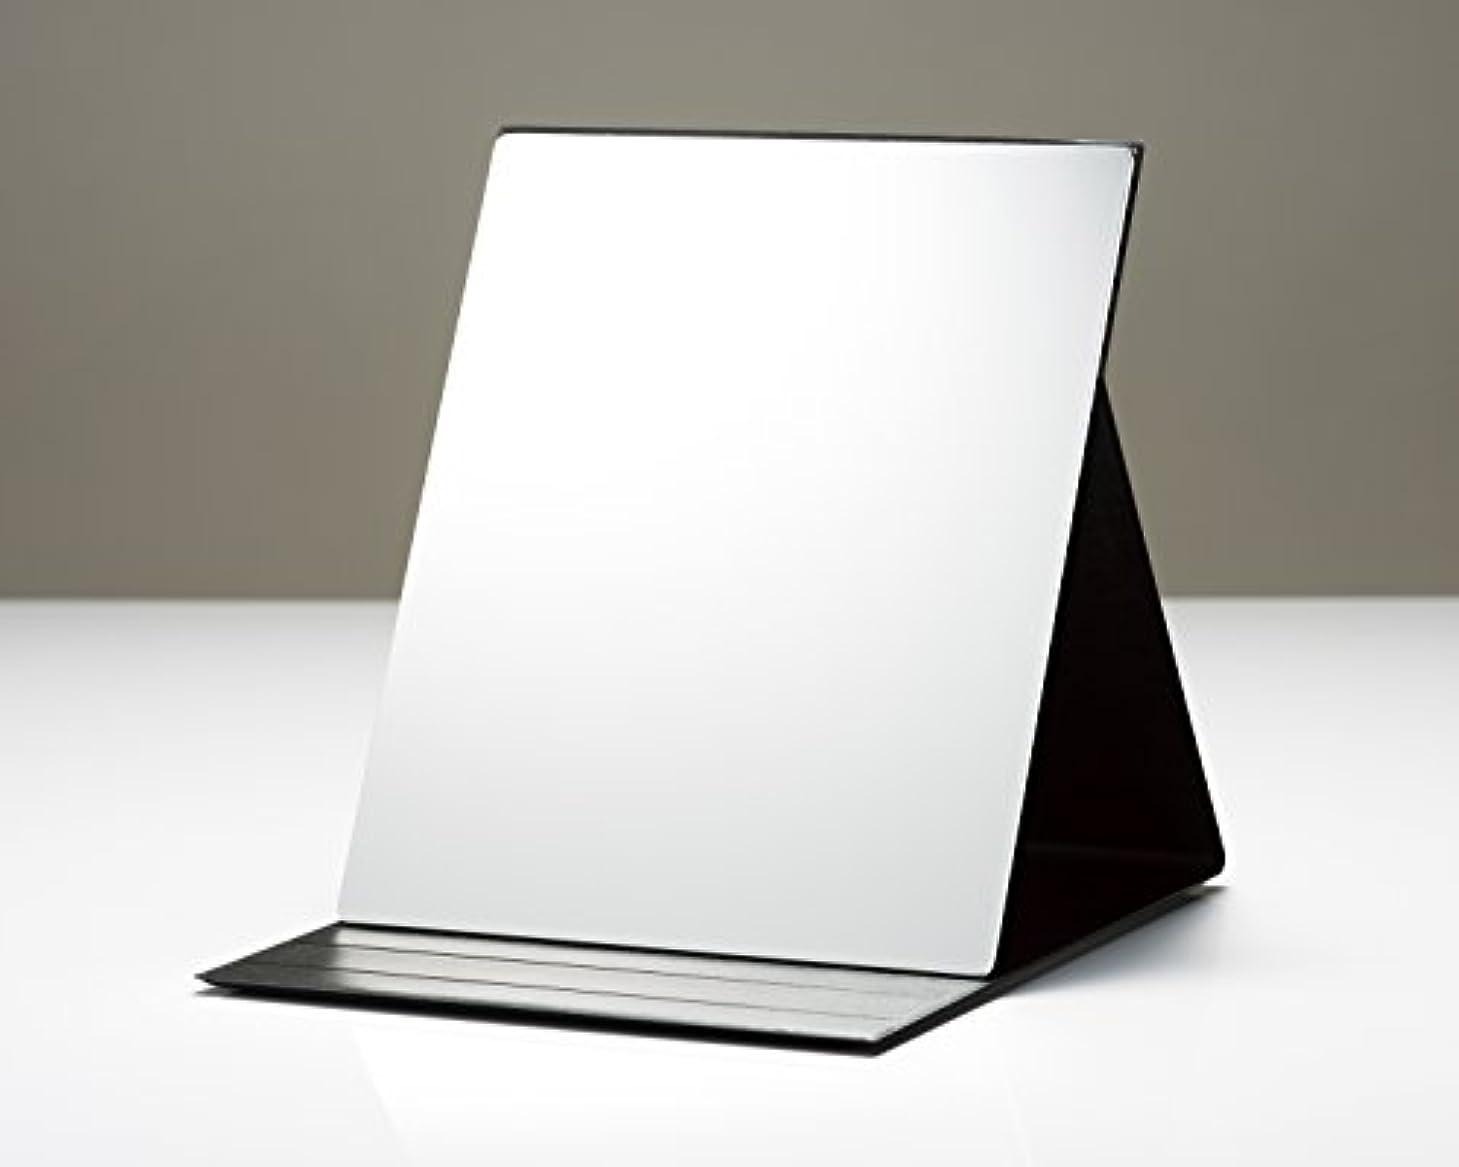 スポーツマン部引き算割れないミラー いきいきミラー折立(3L)